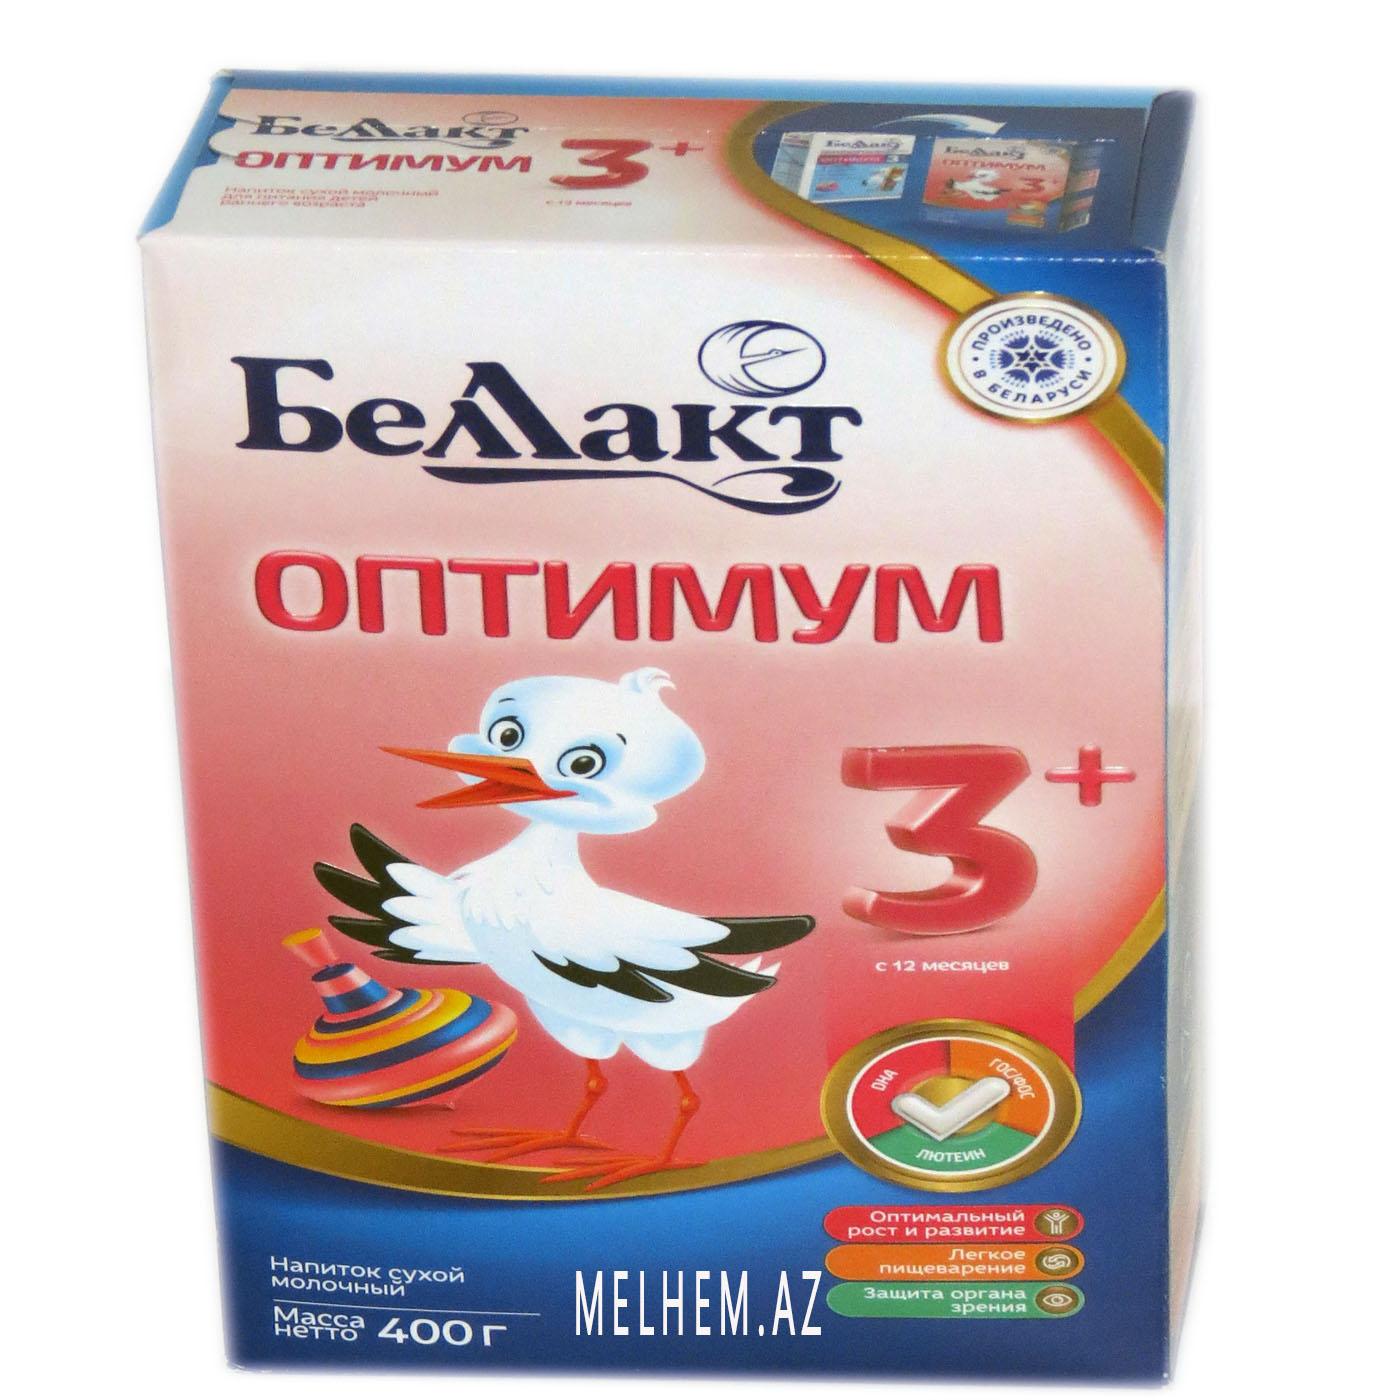 BELLAKT 3+